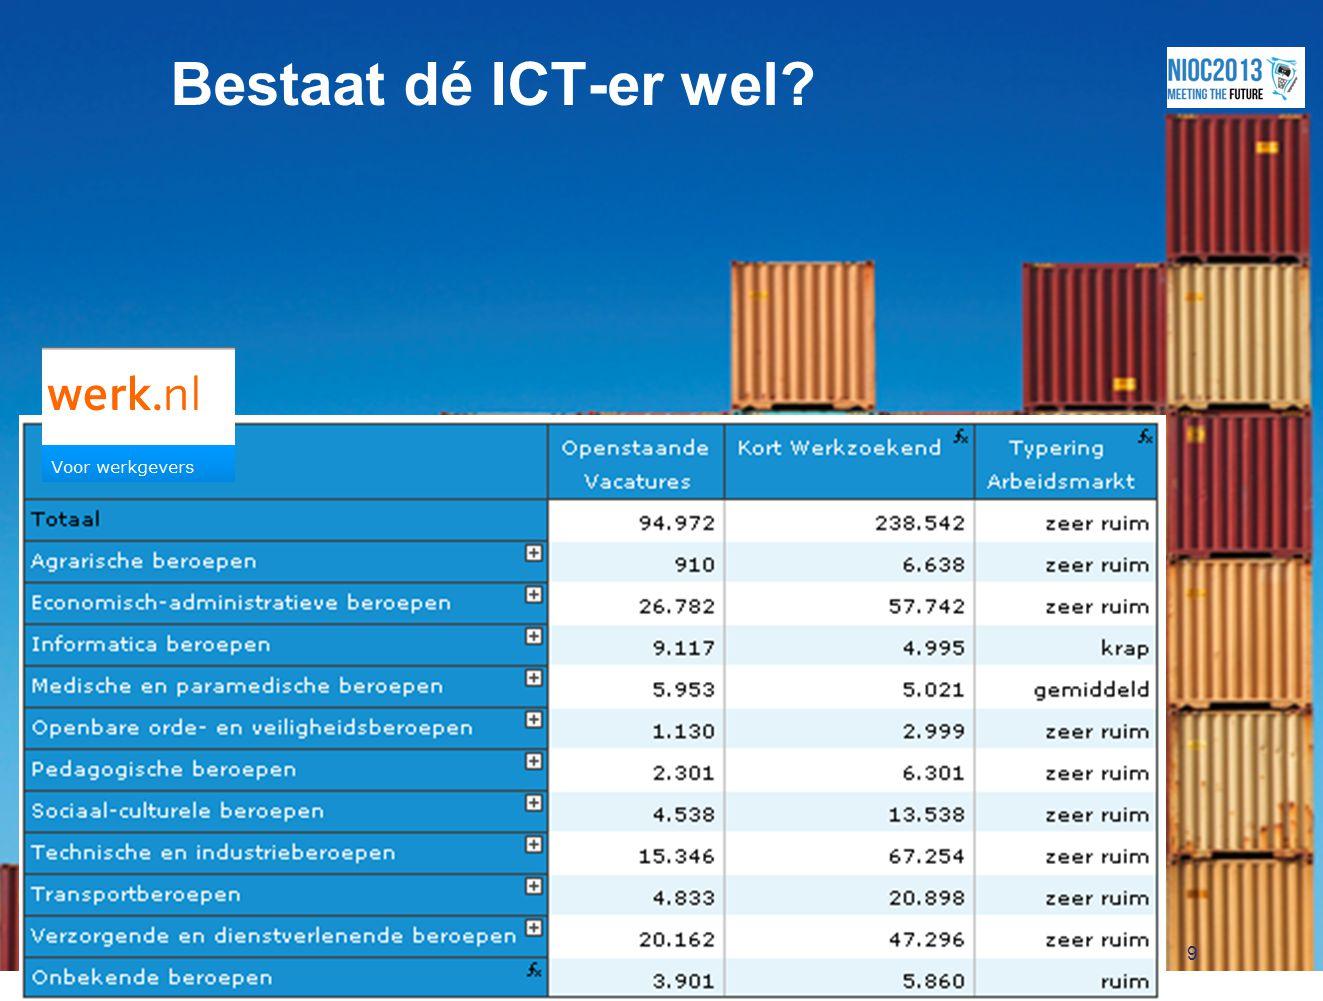 10 dé ICT-er bestaat niet!